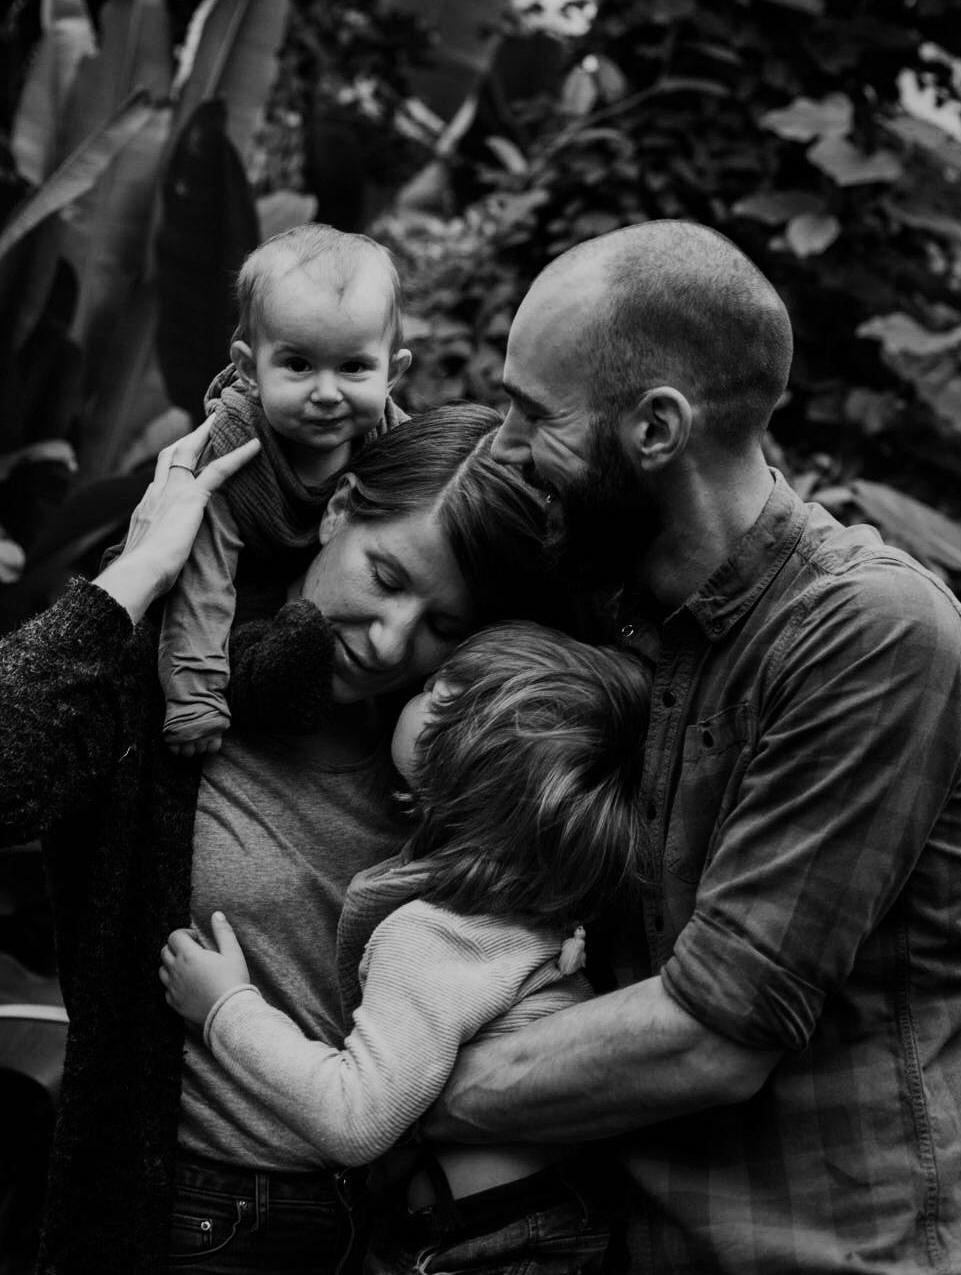 Familienportrait mit zwei Kindern im Tropenhaus, ganz viel Nähe und Vertrauen